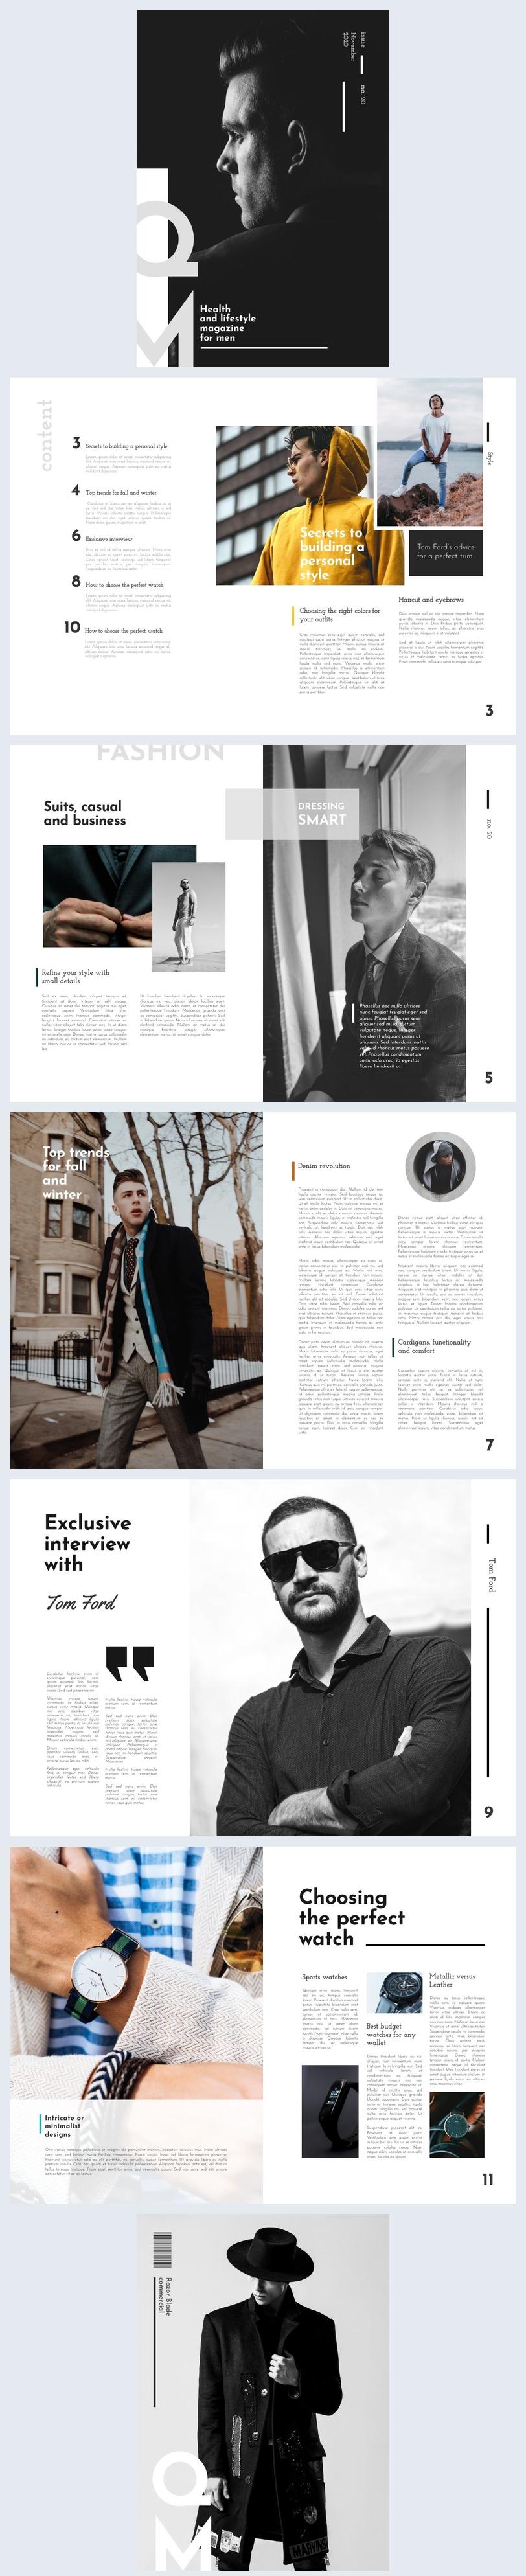 Lifestyle Magazine Layout Idea